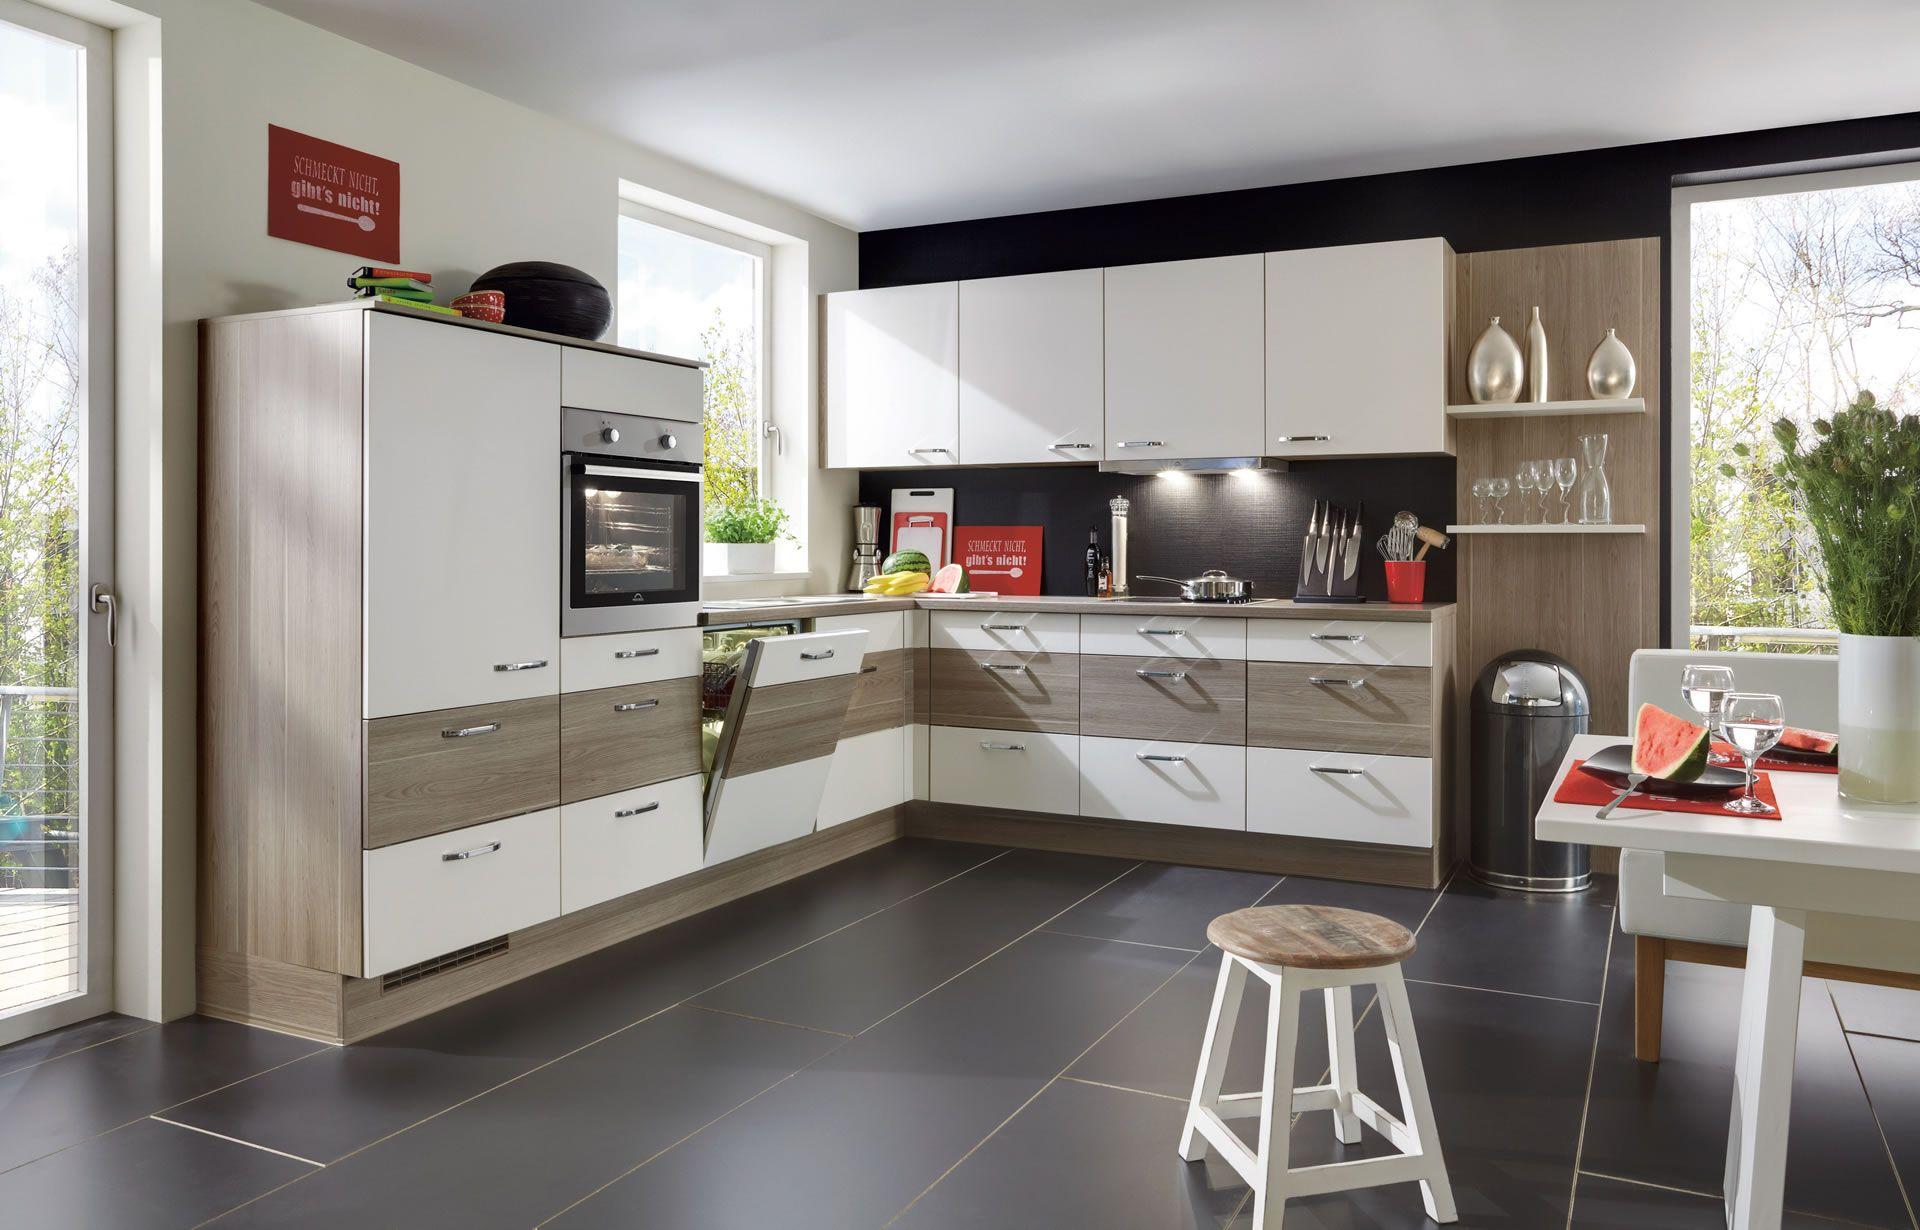 Full Size of Nobilia Kchen Kitchens Produkte Hlzer Home Küche Einbauküche Wohnzimmer Nobilia Alba